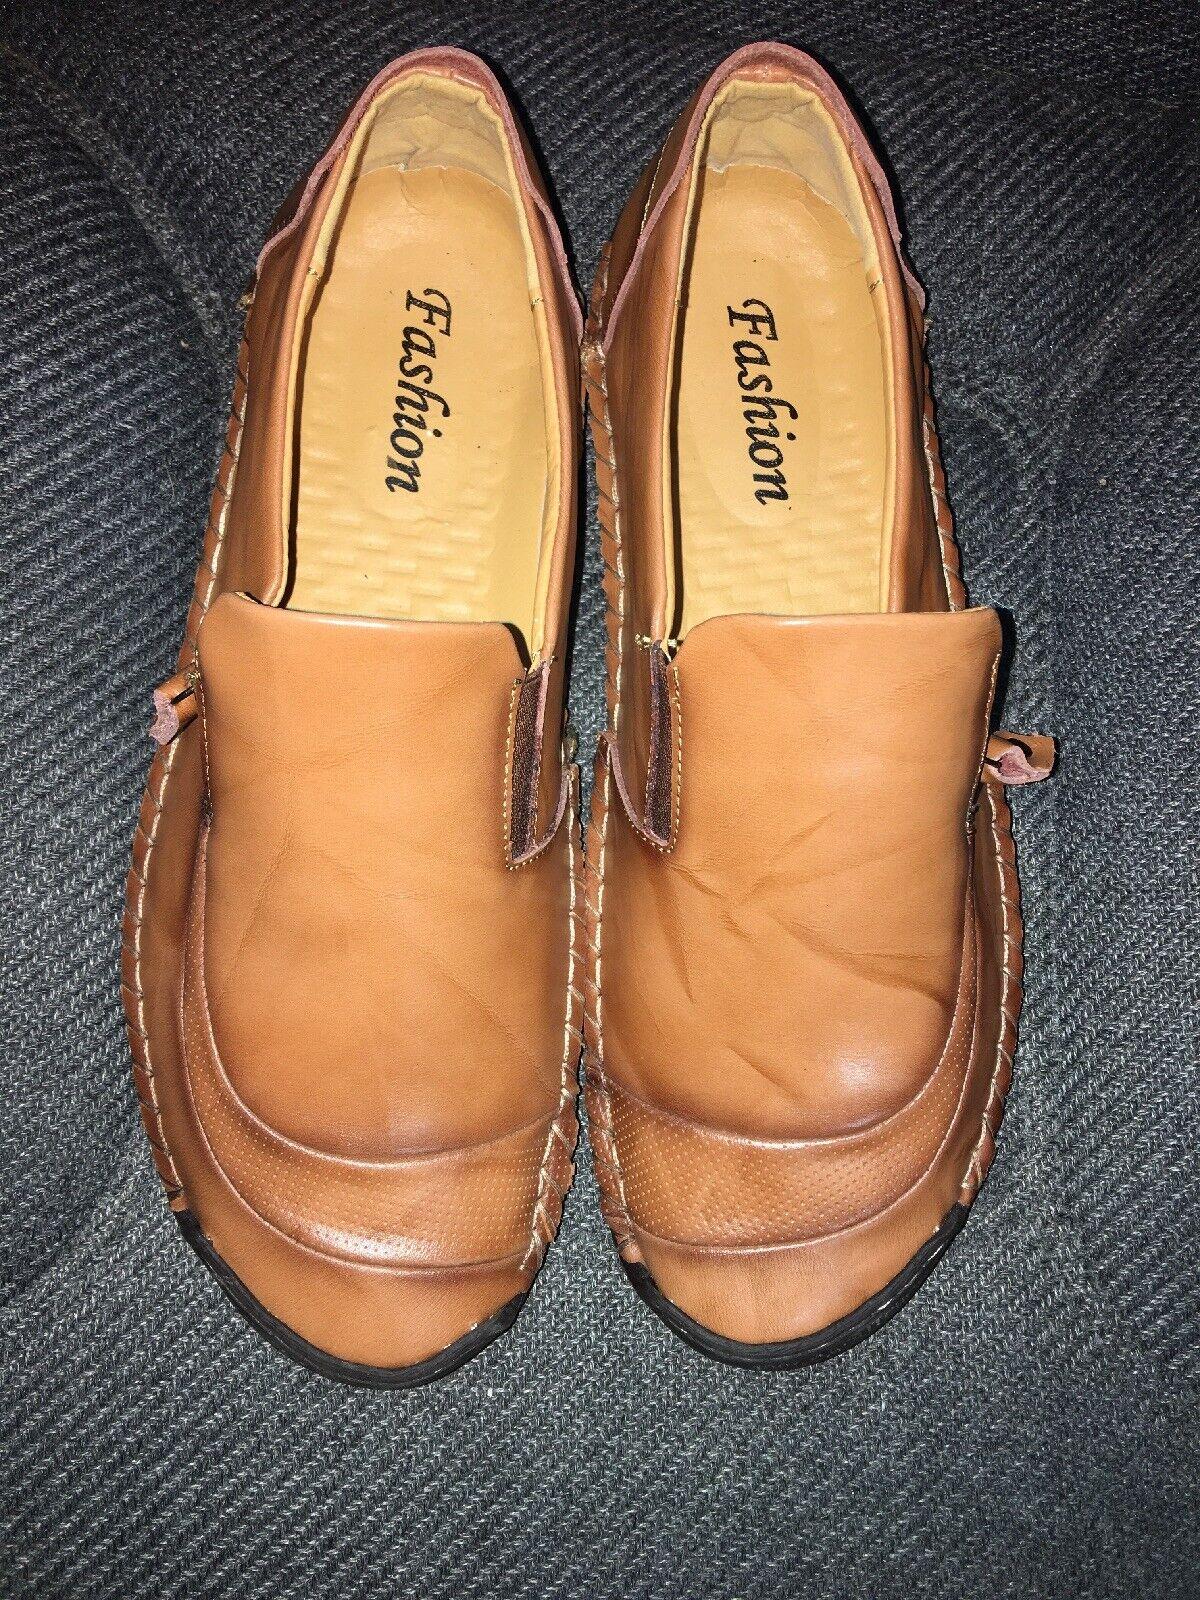 FASHION Comfort Leather 100% Caoutchouc Sole driving shoes Sizes 47